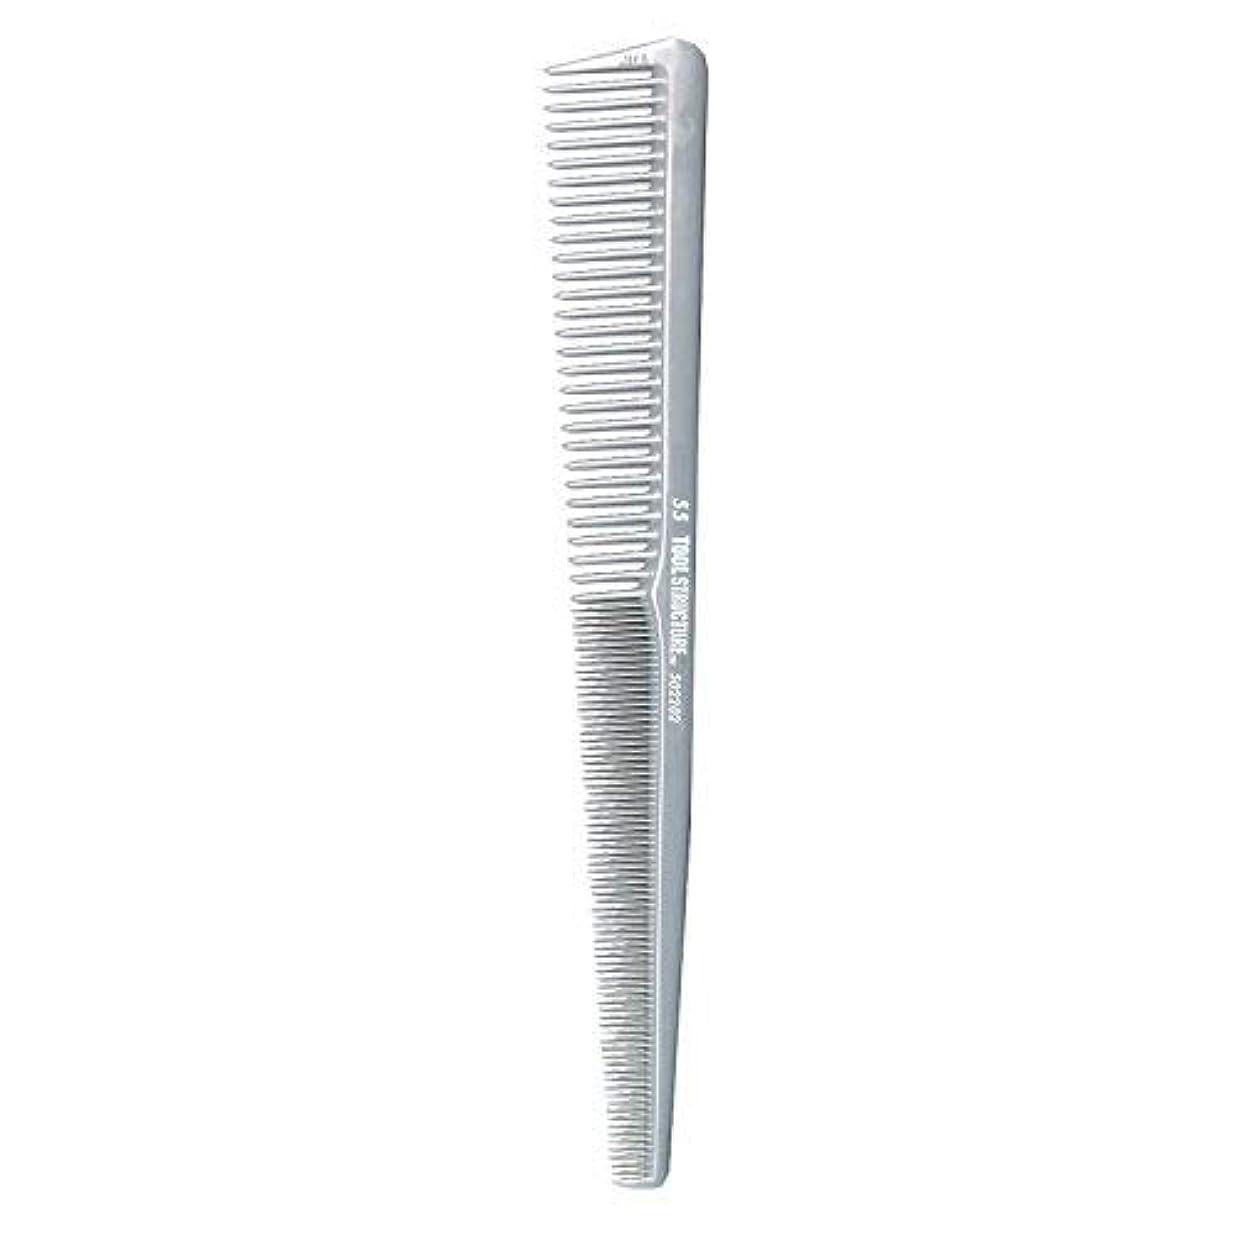 脈拍ガロン錆びTool Structure Barber Comb #55 [並行輸入品]